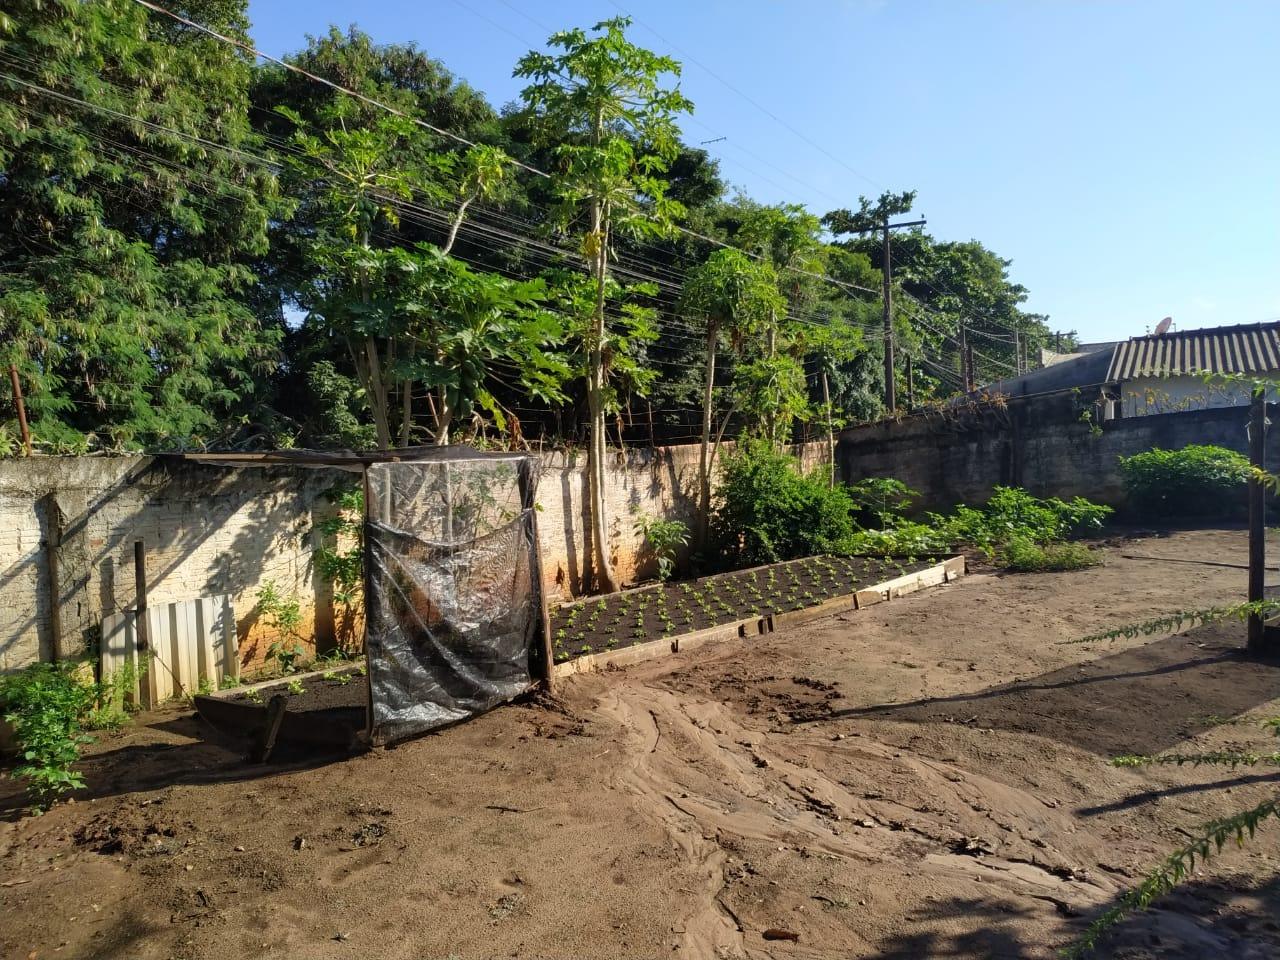 Terreno para comprar, no bairro Jardim Dona Rosina em Rio das Pedras - SP